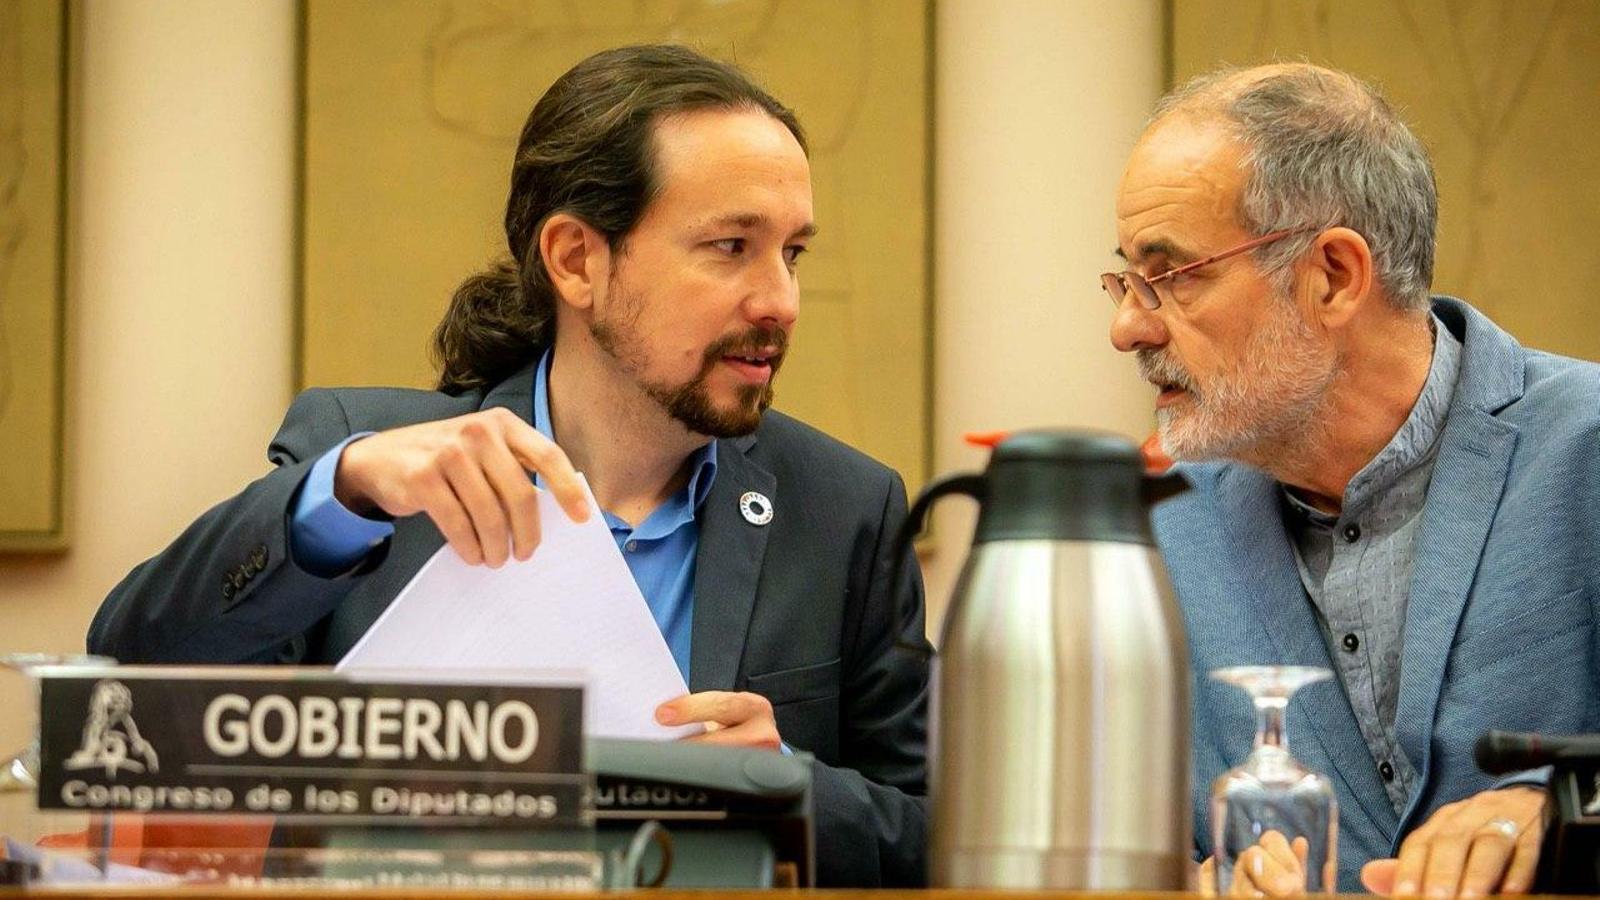 El vicepresident segon del Govern, Pablo Iglesias, durant la seva compareixença